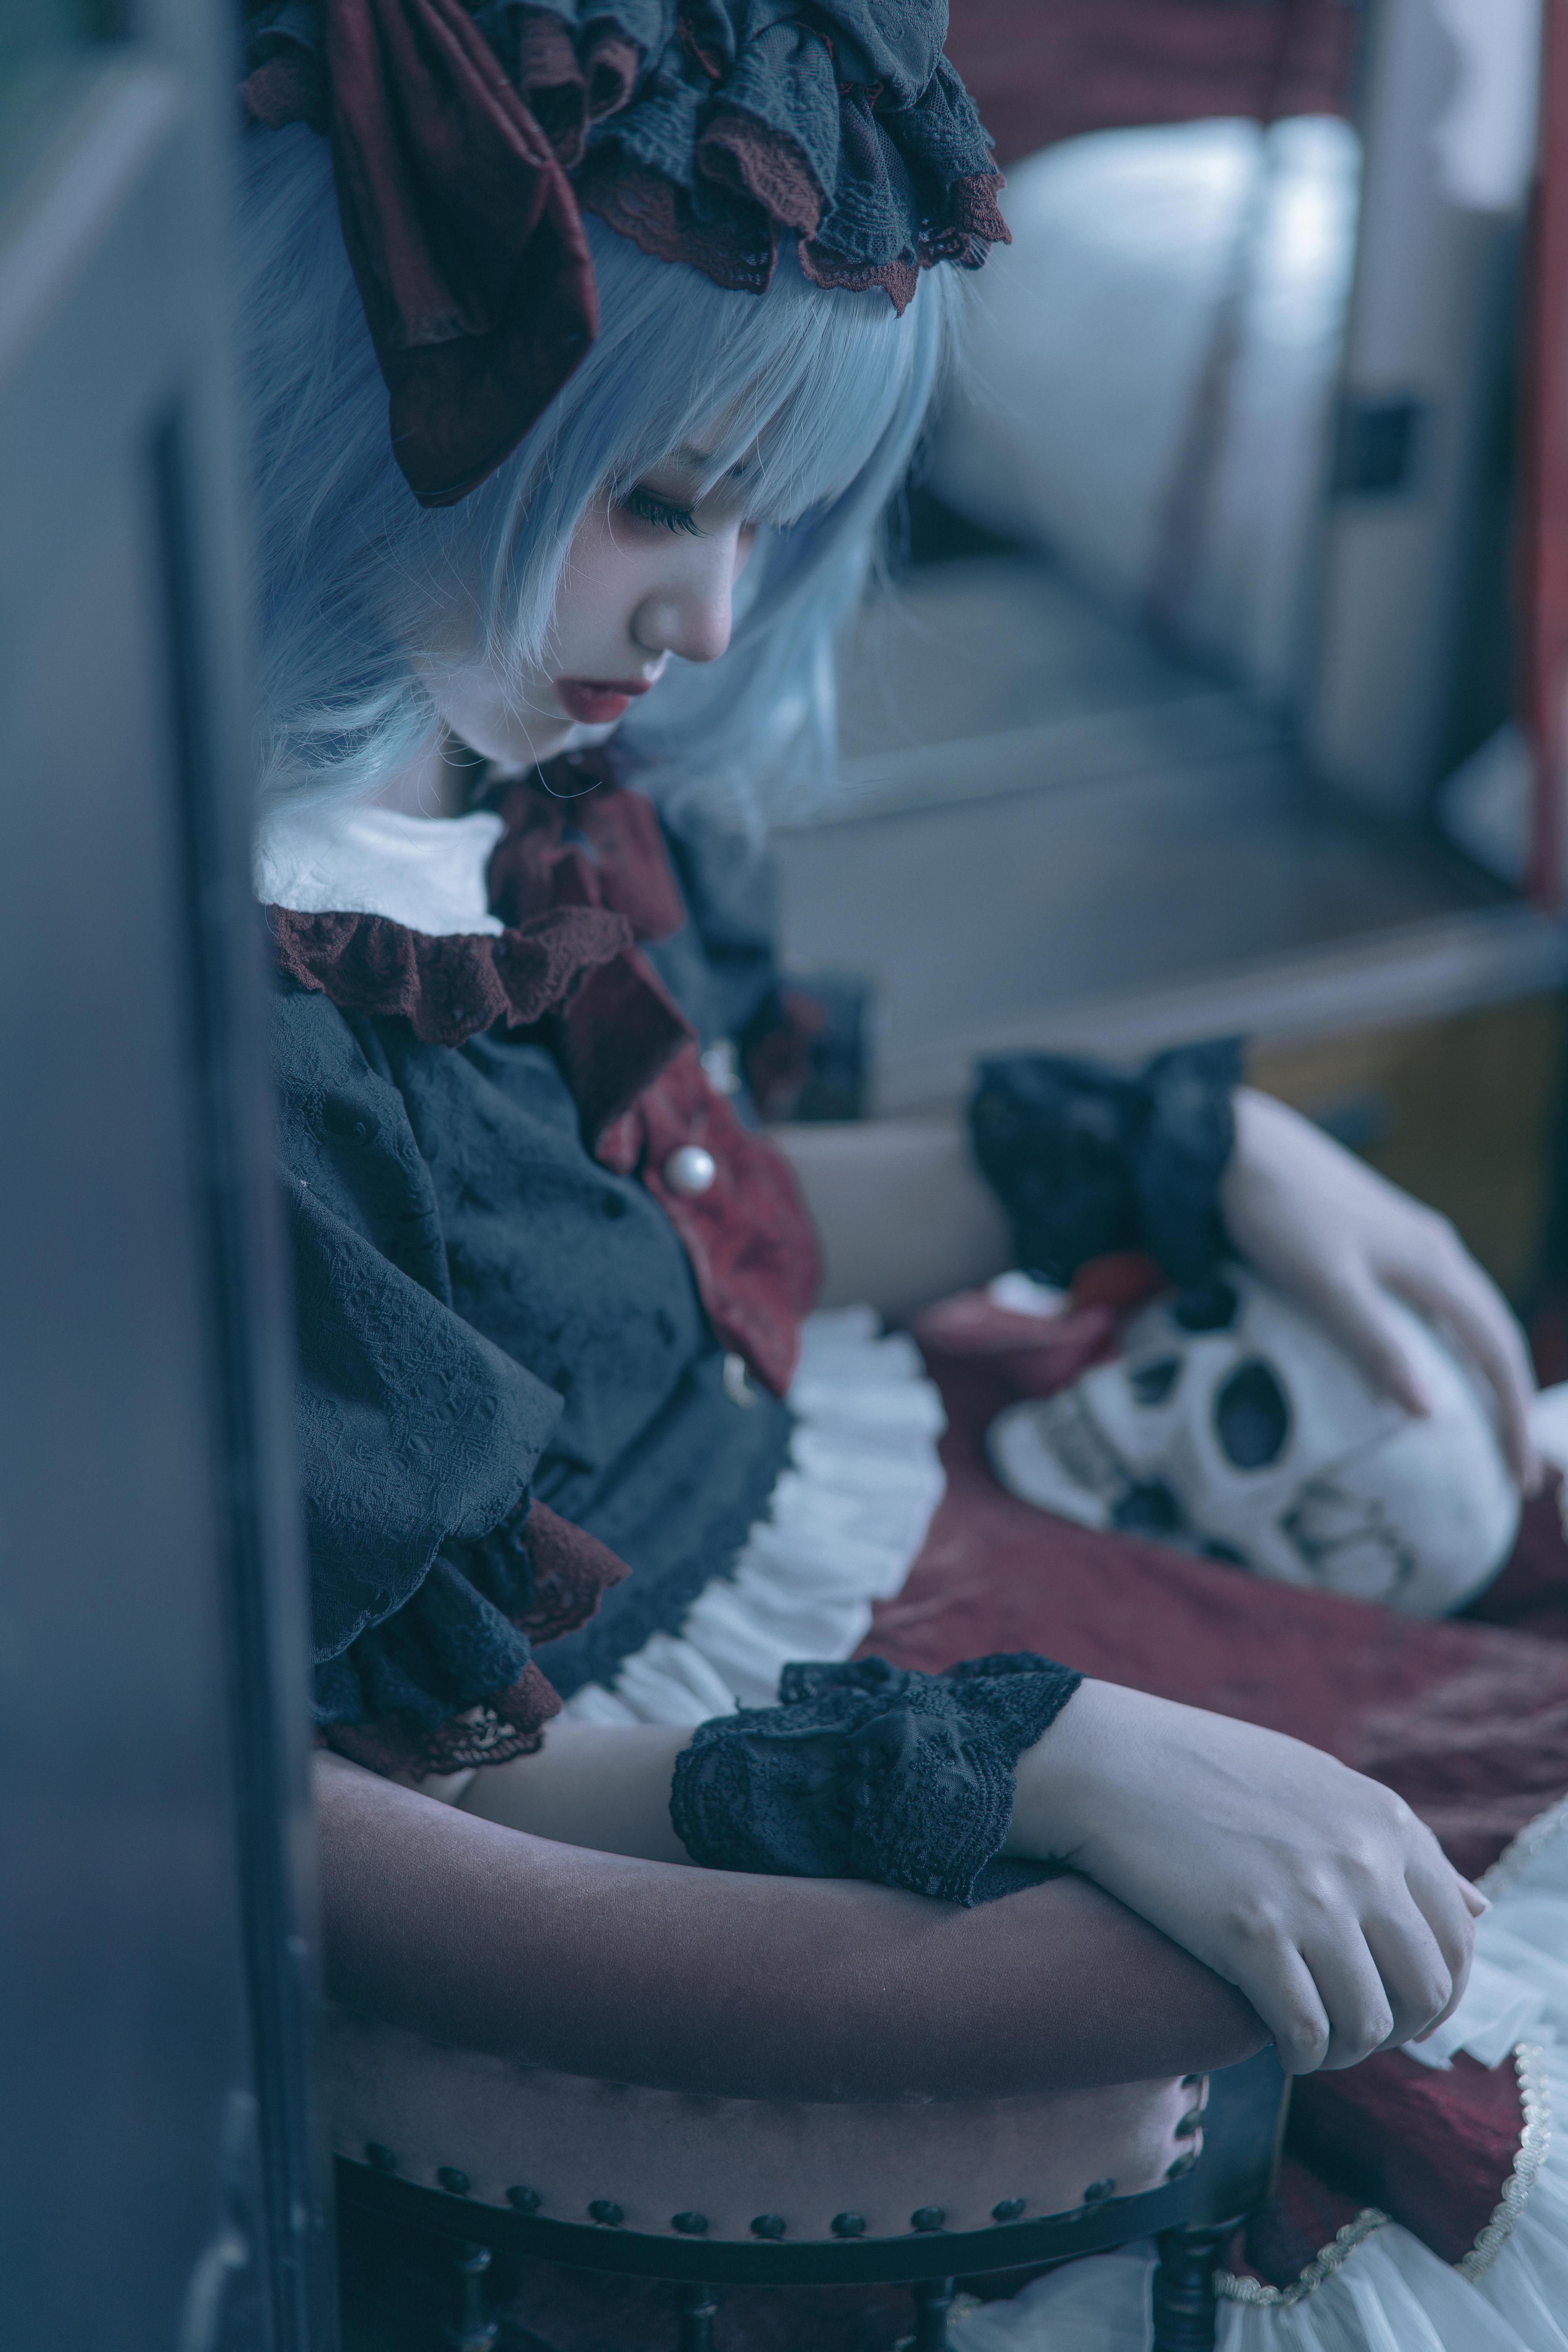 《东方PROJECT》蕾米莉亚cosplay【CN:我是谁你不想知道】-第2张